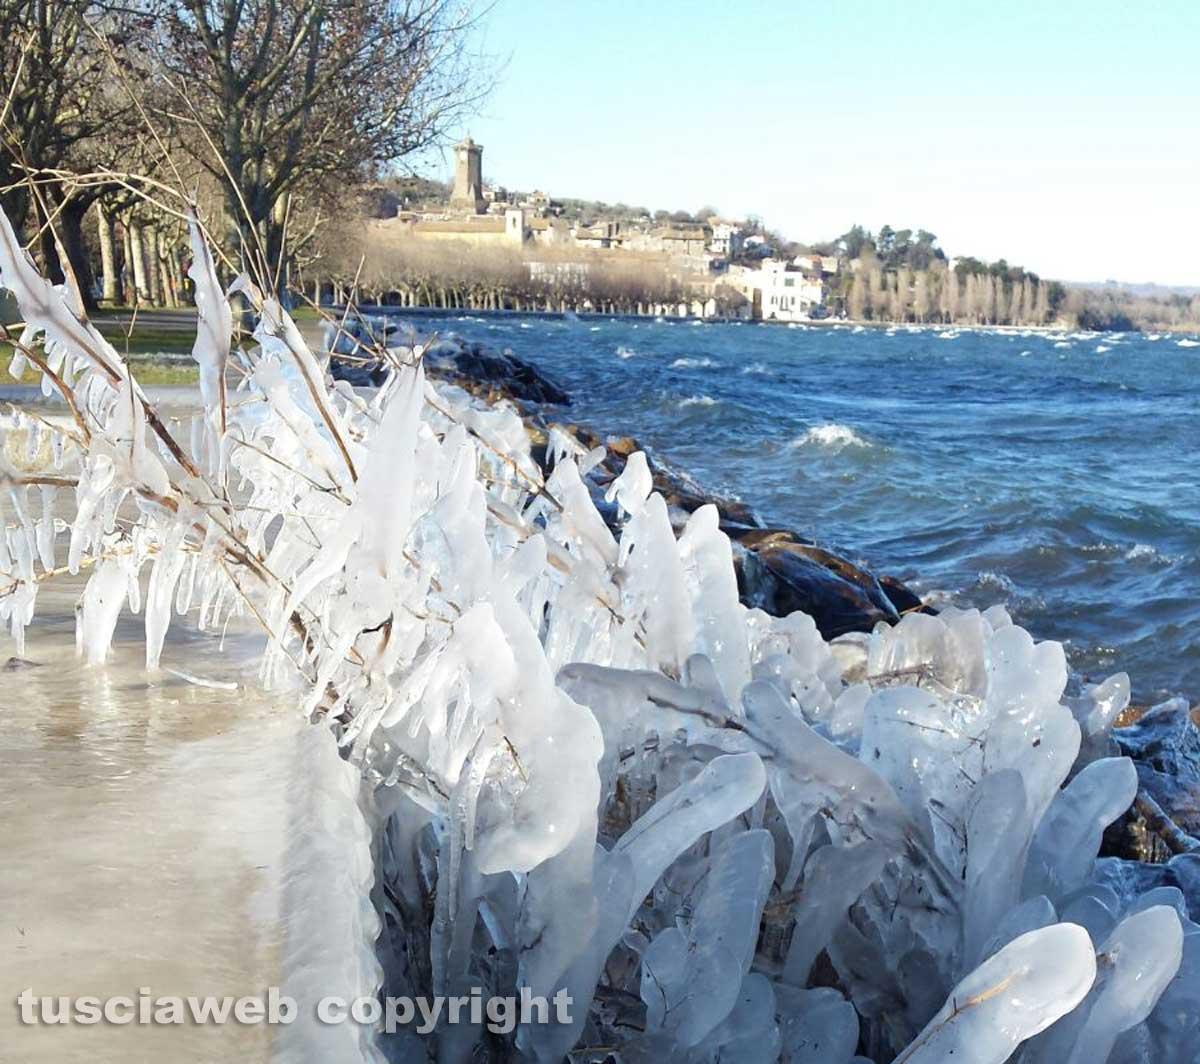 Previsioni meteo: breve pausa, poi nuova irruzione di gelo dall'Artico sull'Italia!